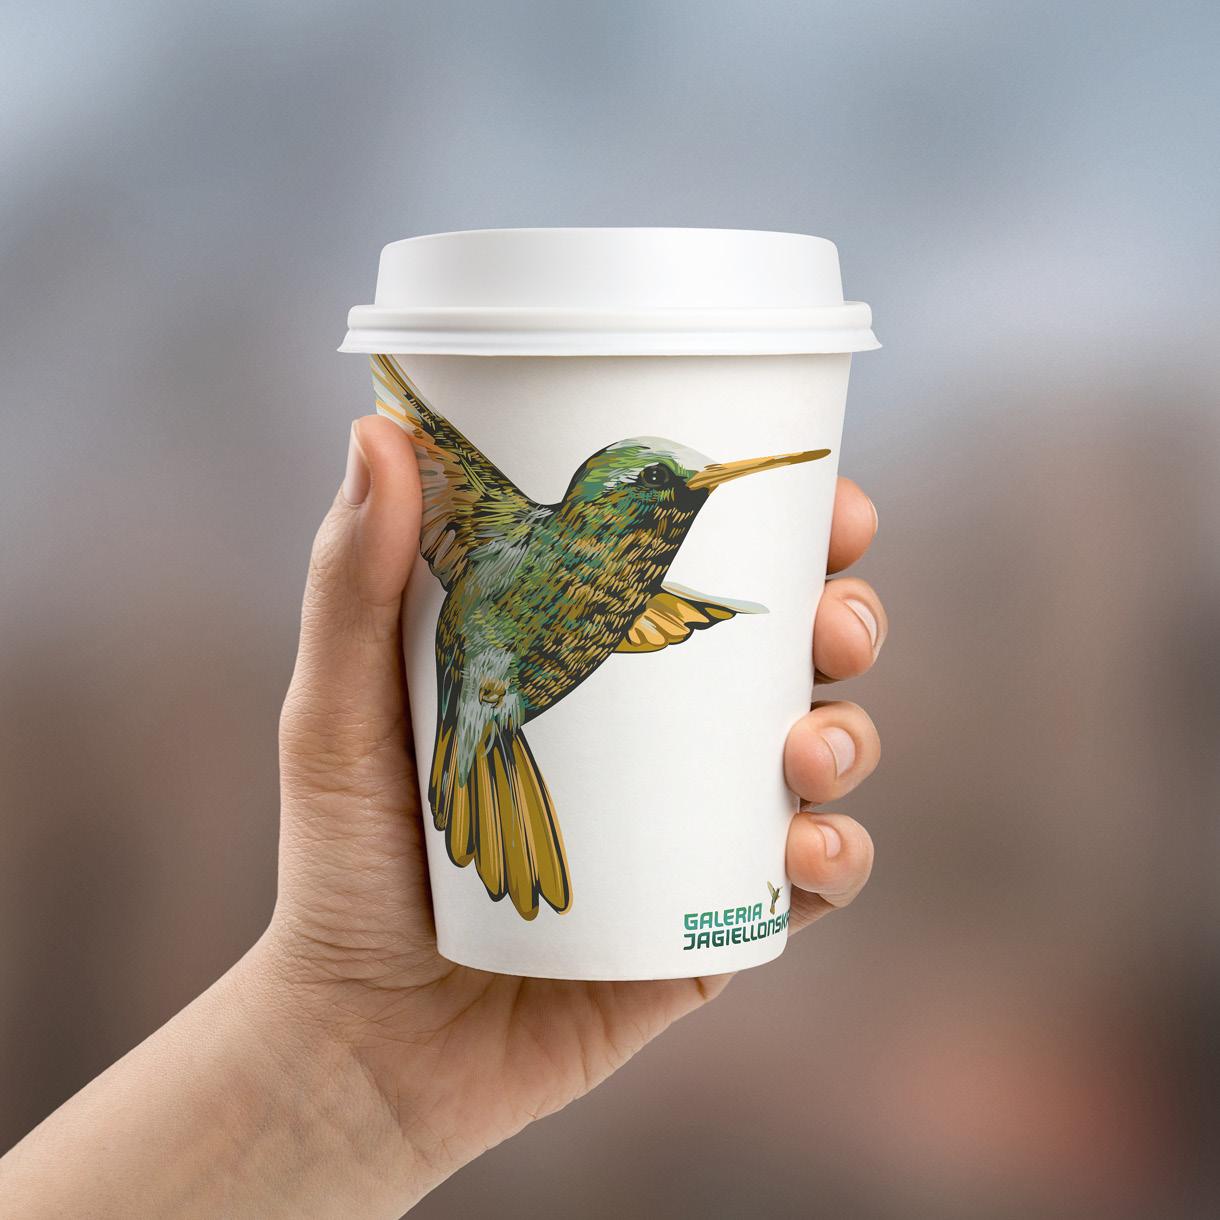 galeria handlowa - paper cup